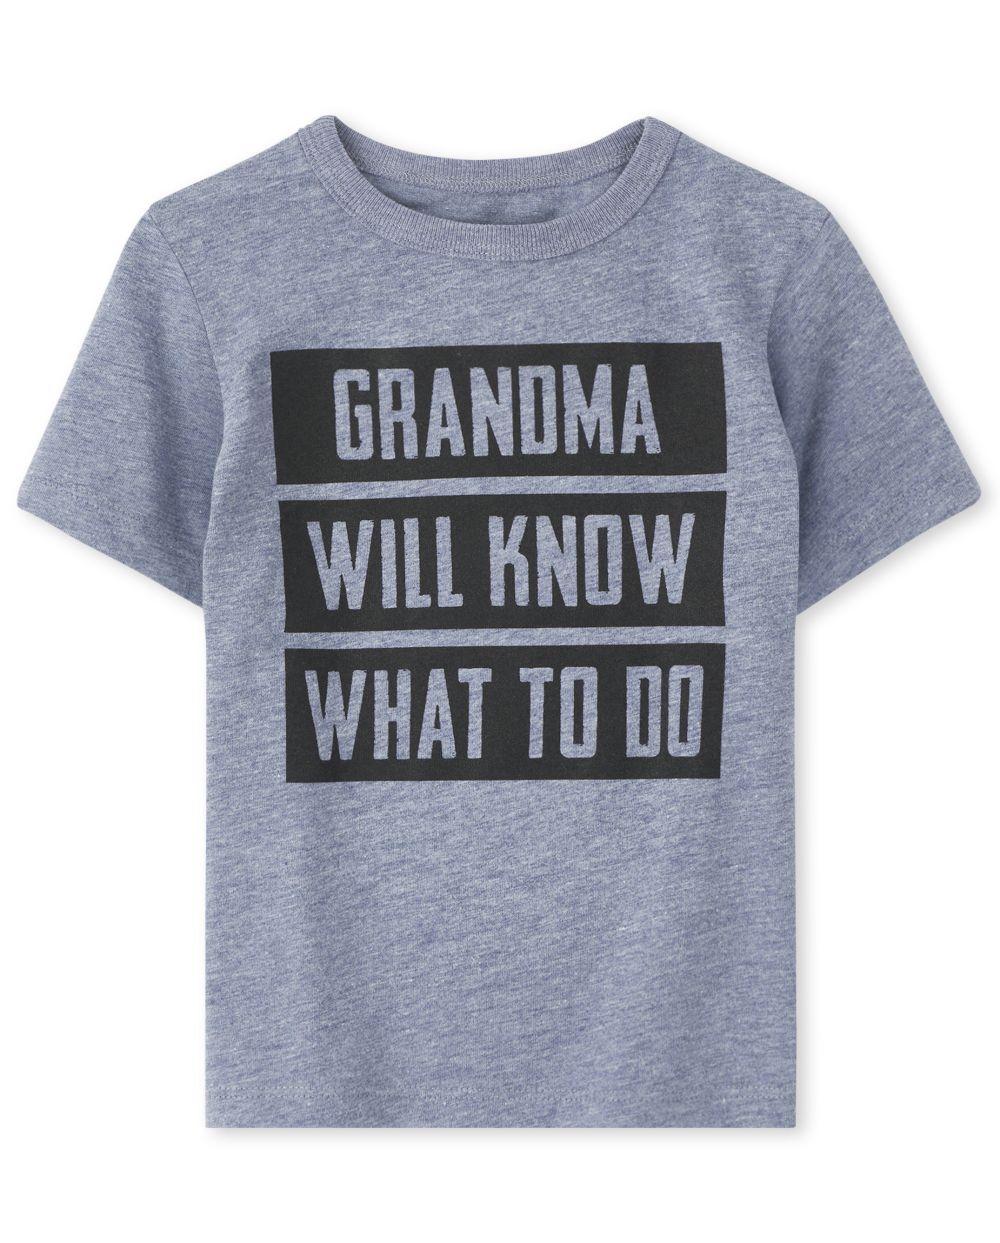 Camiseta estampada Grandma Will Know para bebés y niños pequeños